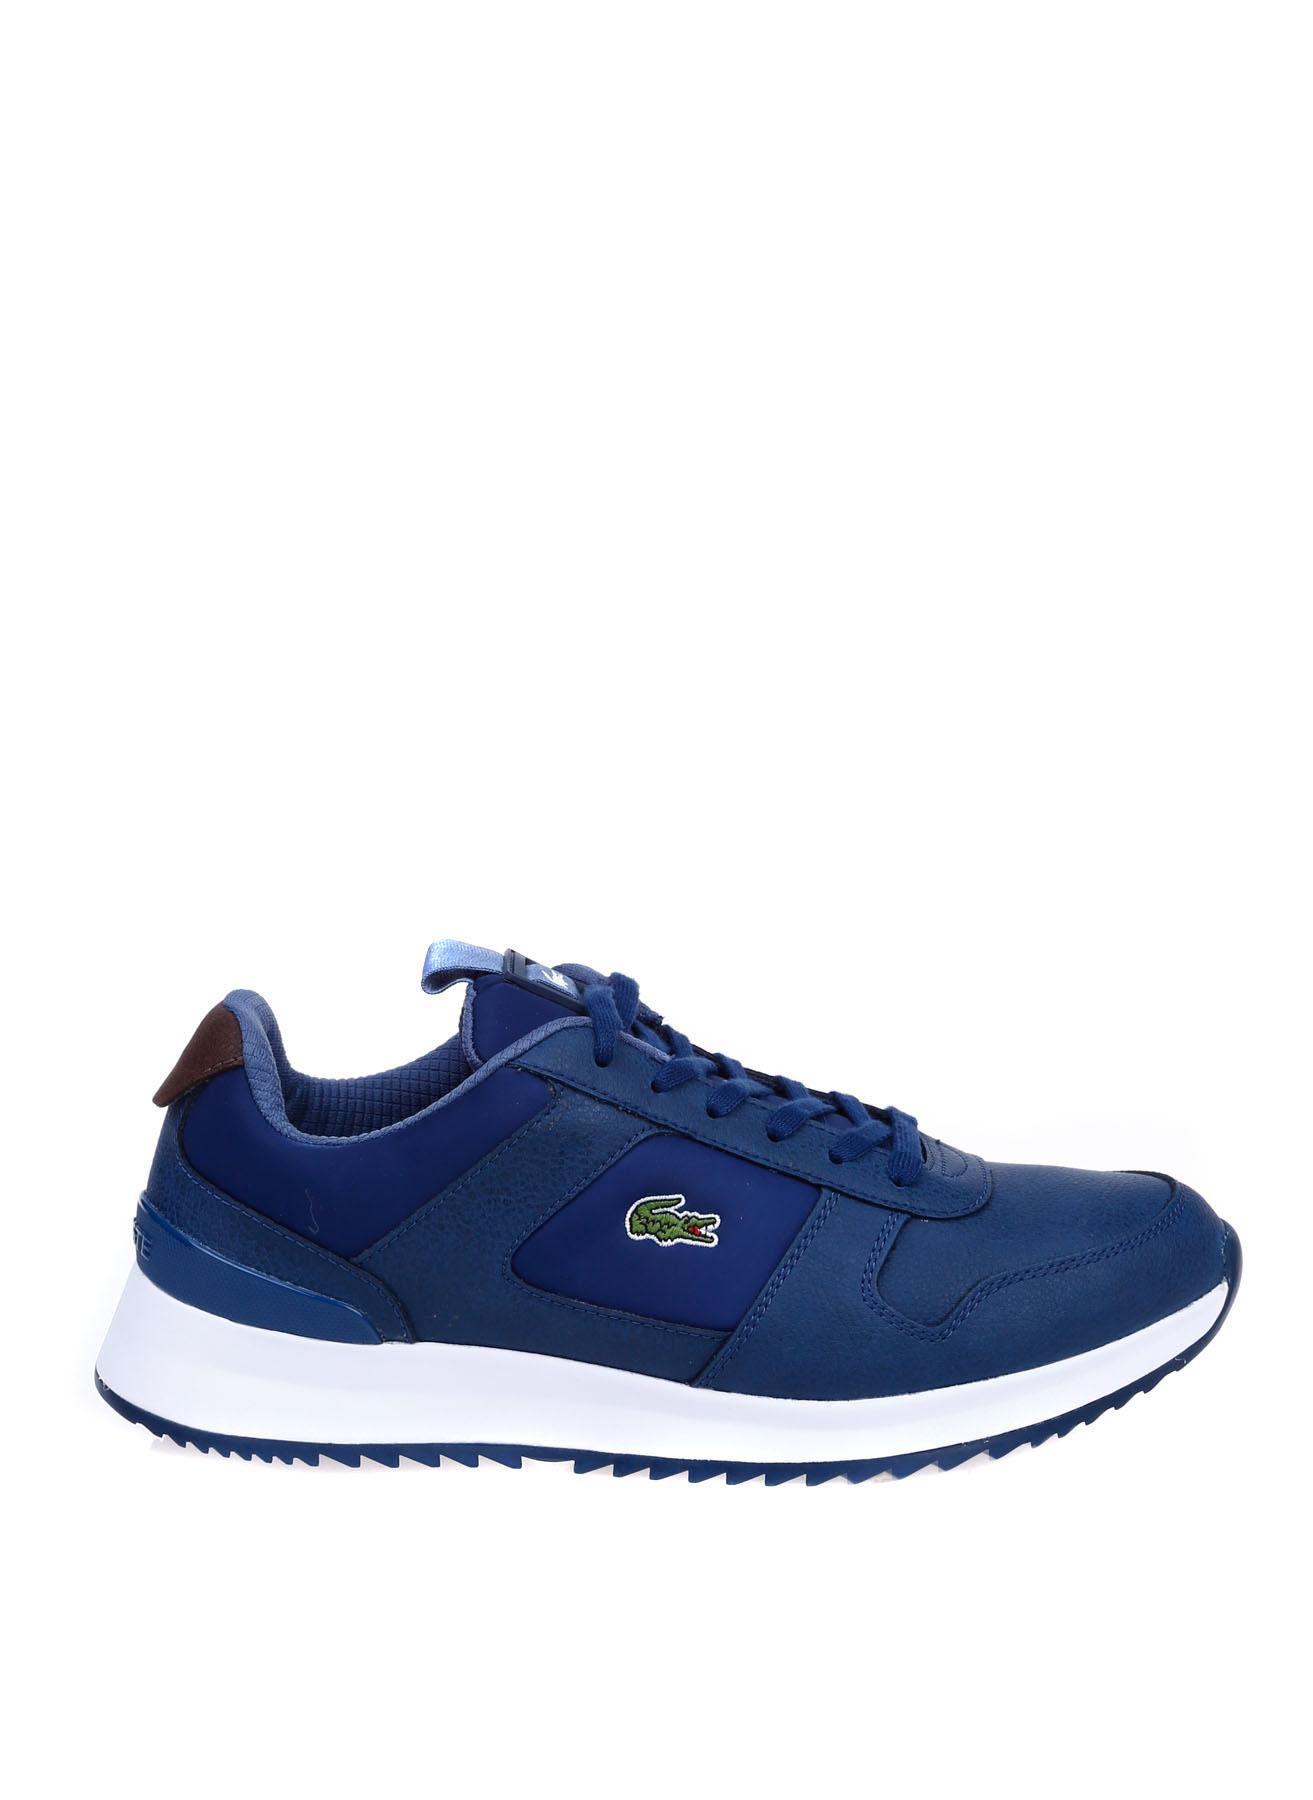 Lacoste Erkek Deri Lacivert Lifestyle Ayakkabı 43 5002314257005 Ürün Resmi